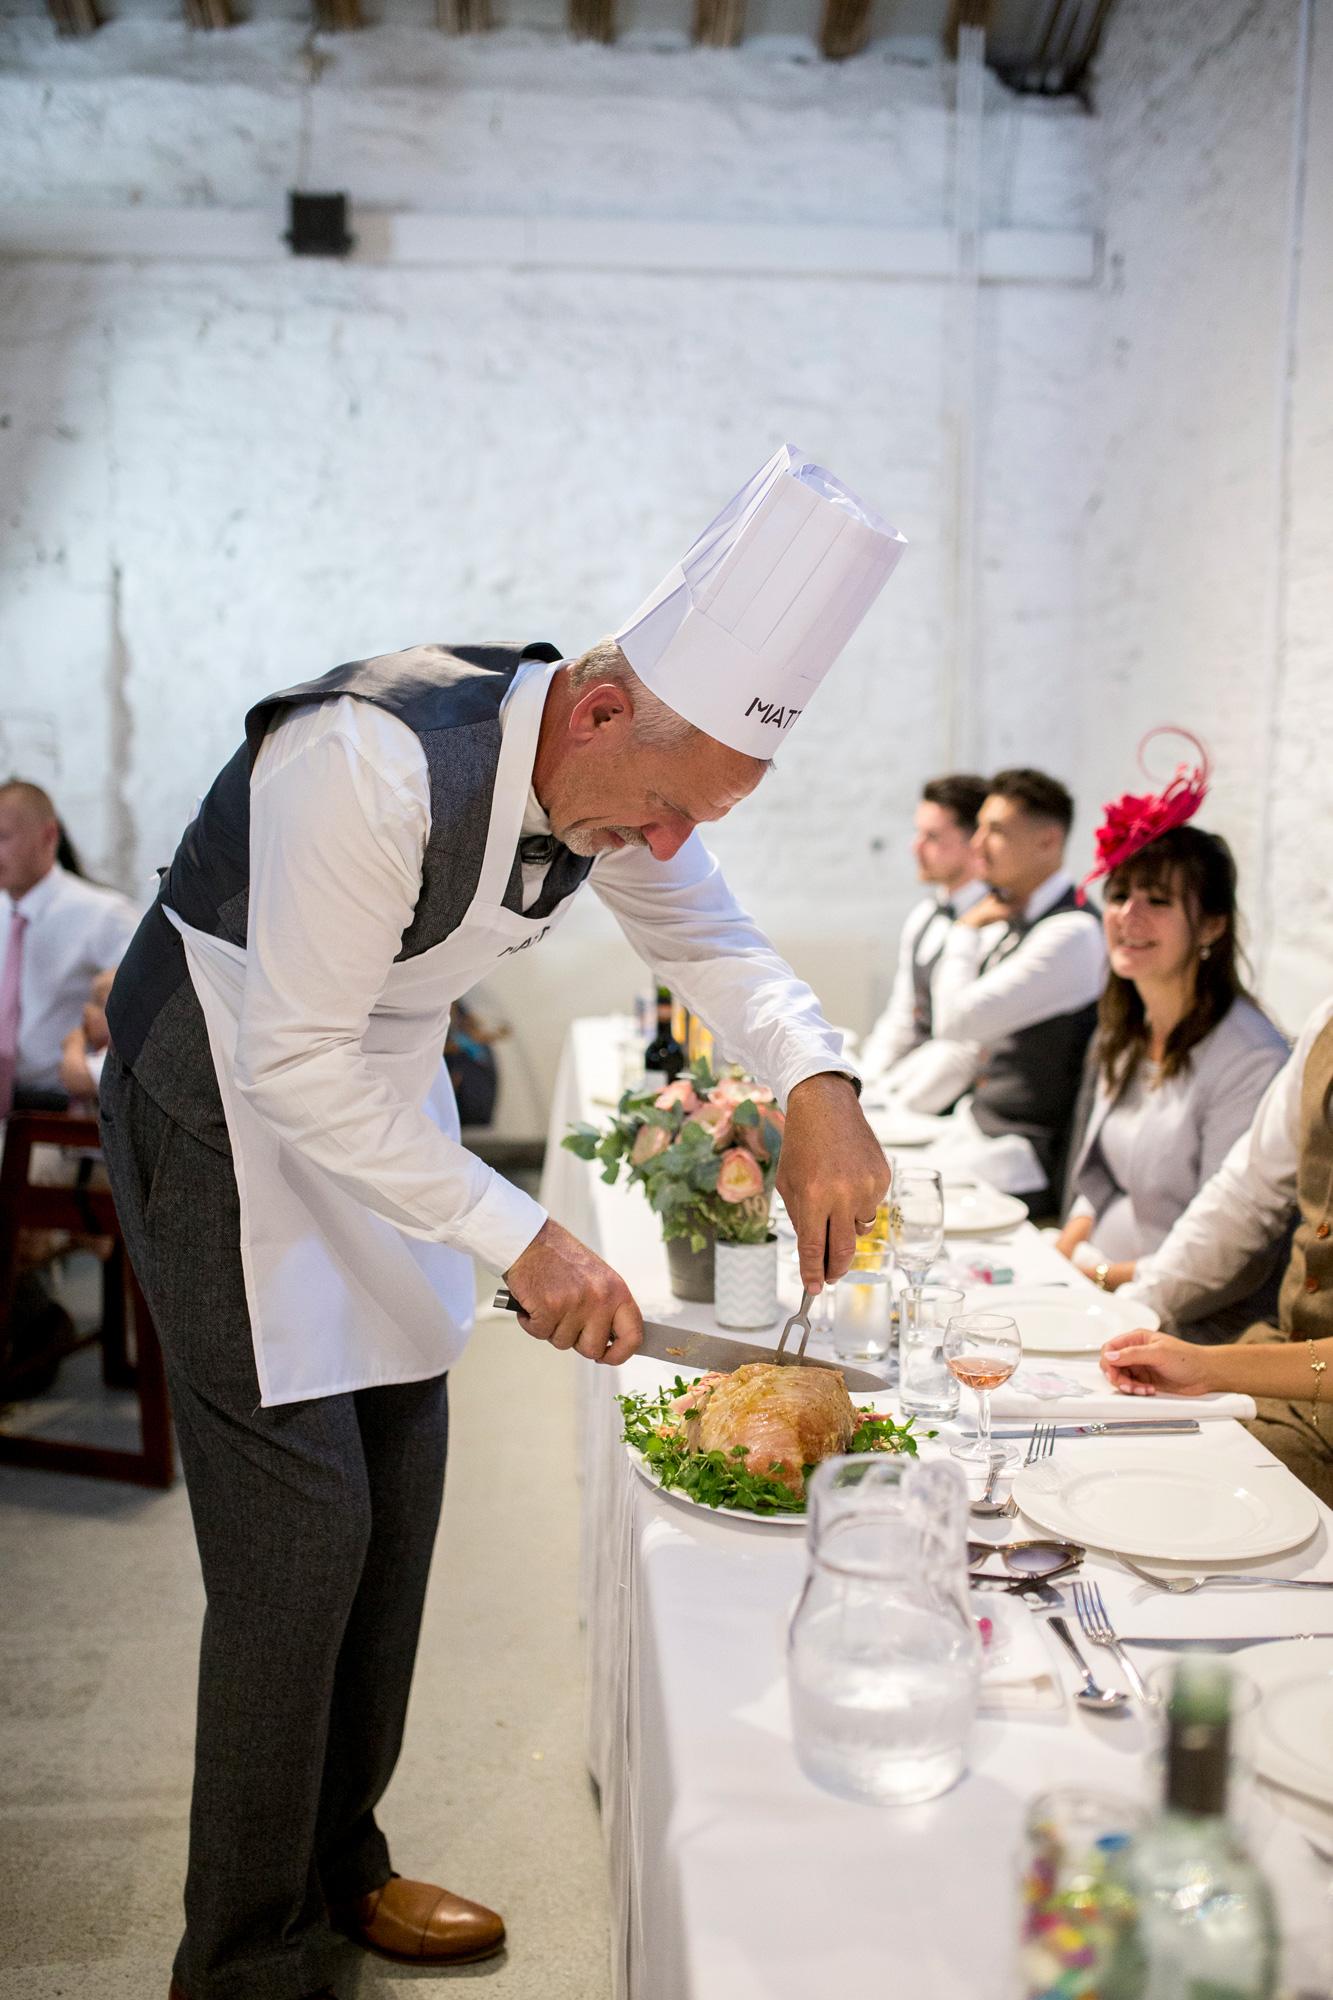 Chef, wedding party, wedding reception, Crook Barn,